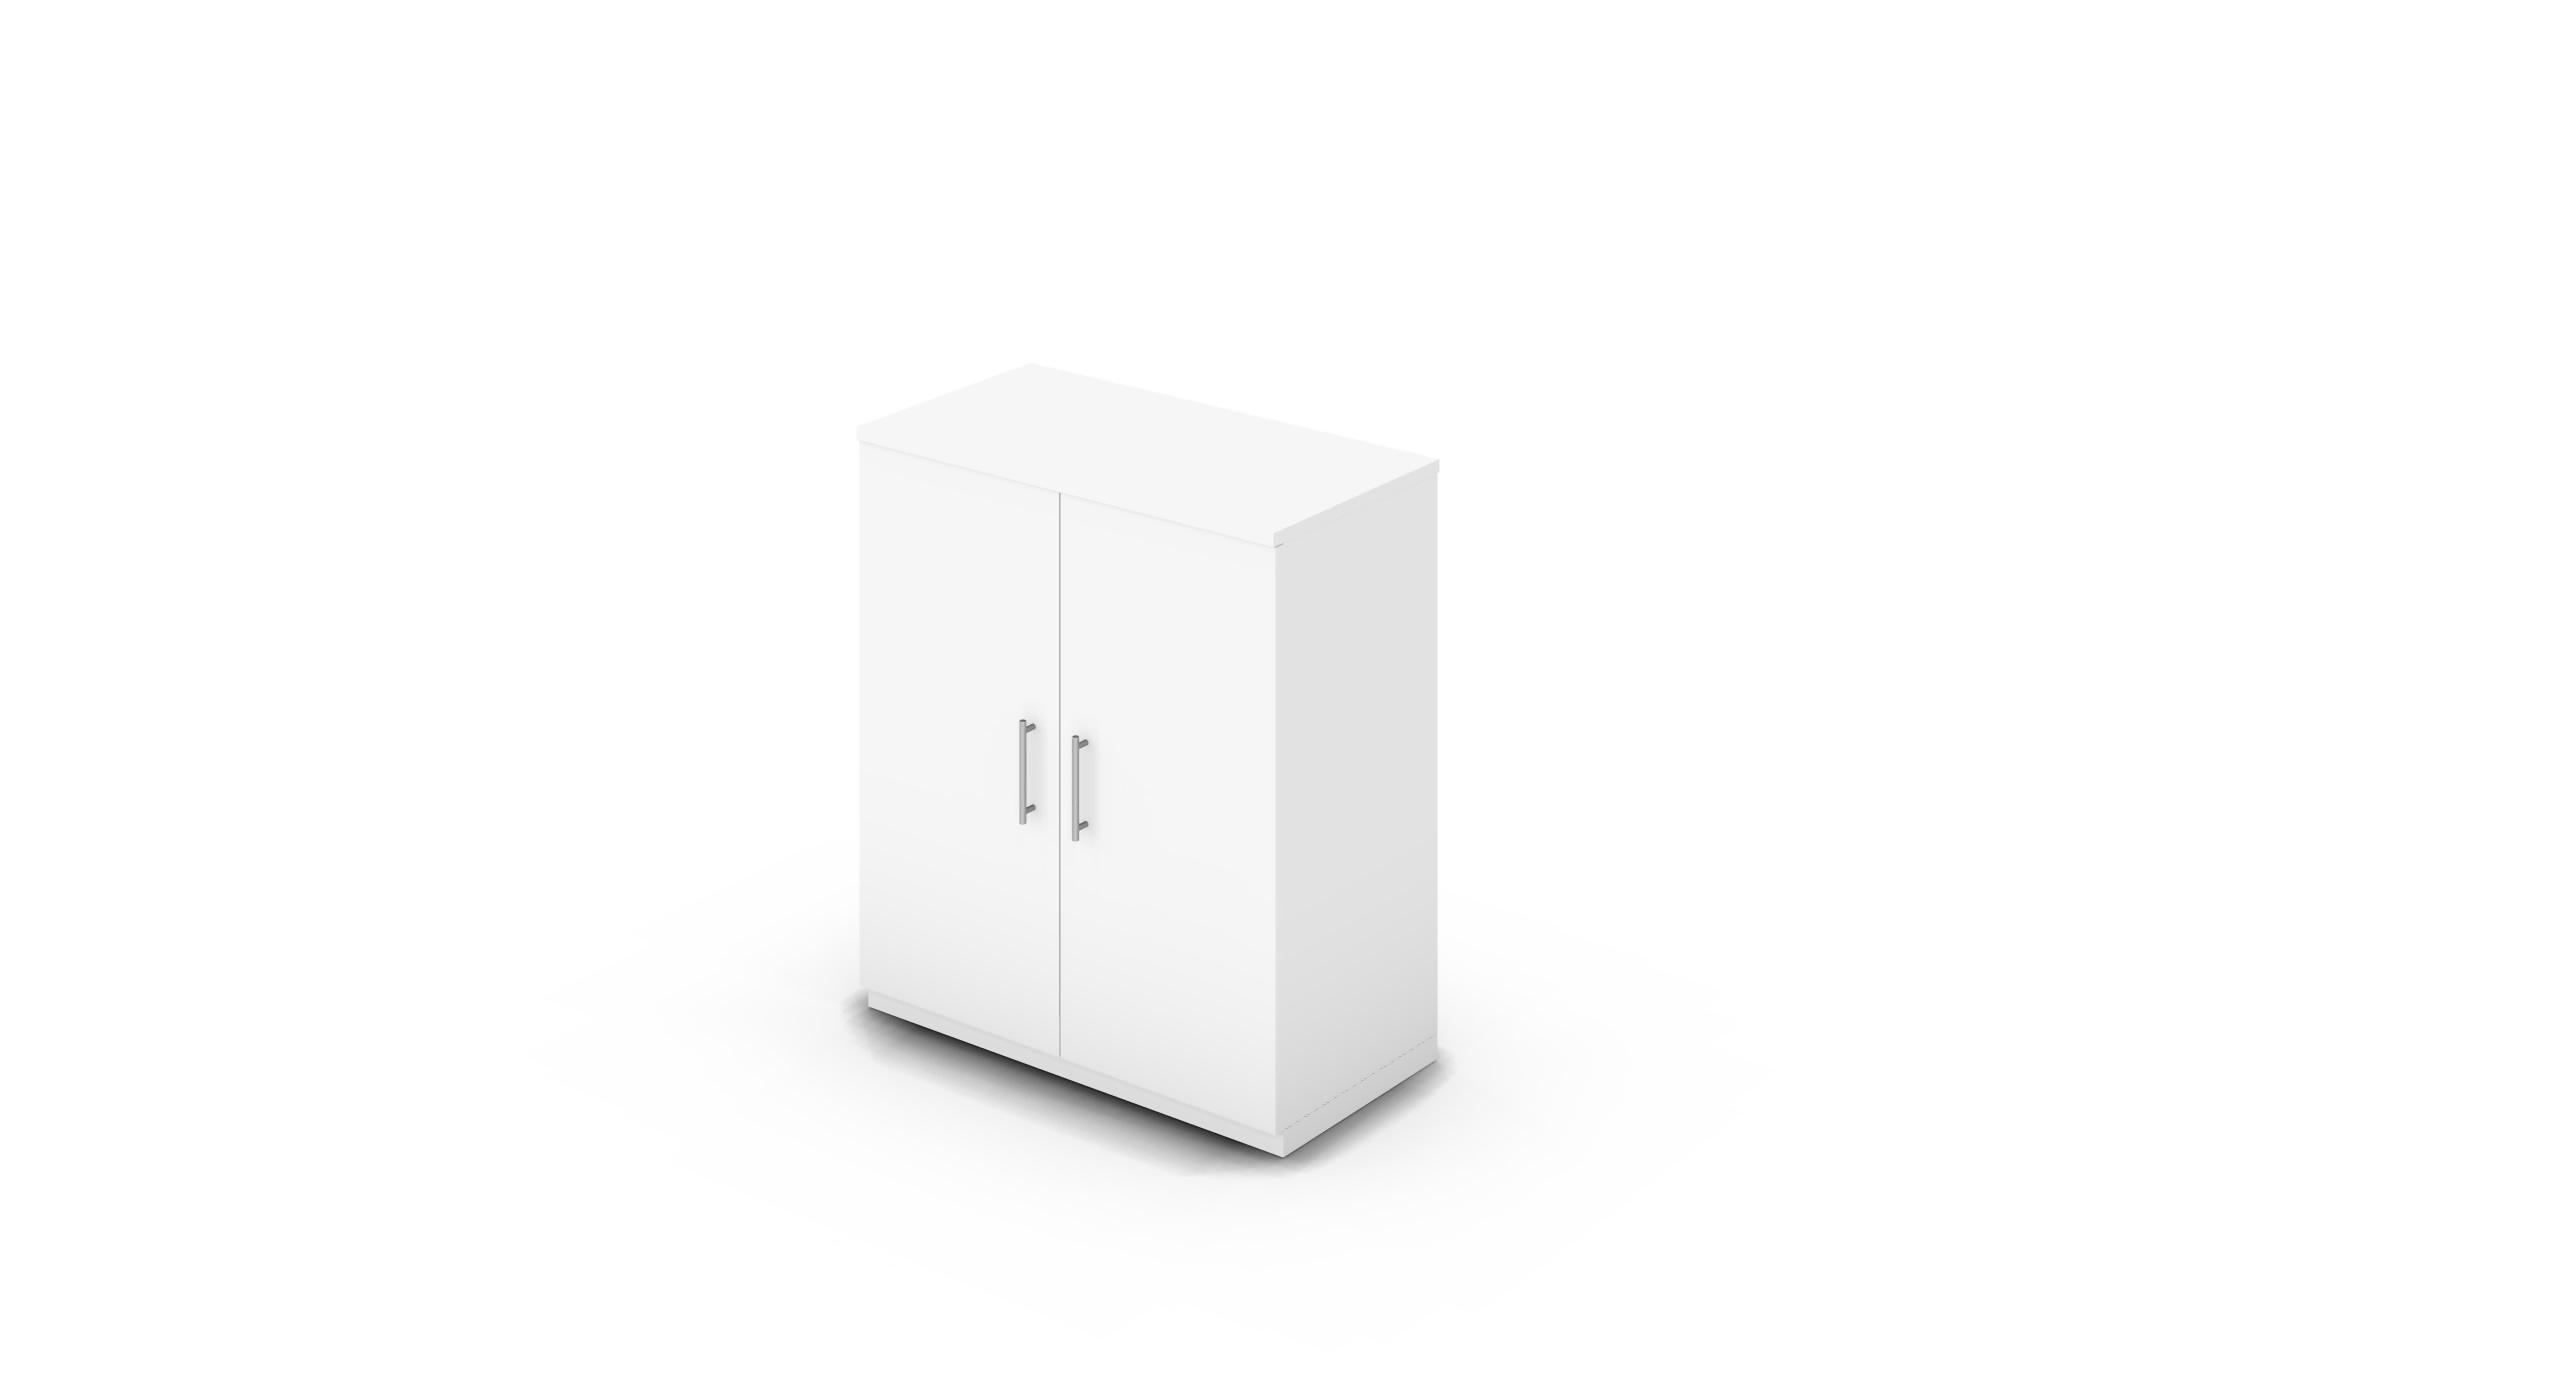 Cabinet_900x450x1125_HD_White_Bar_Round_NoCylinder